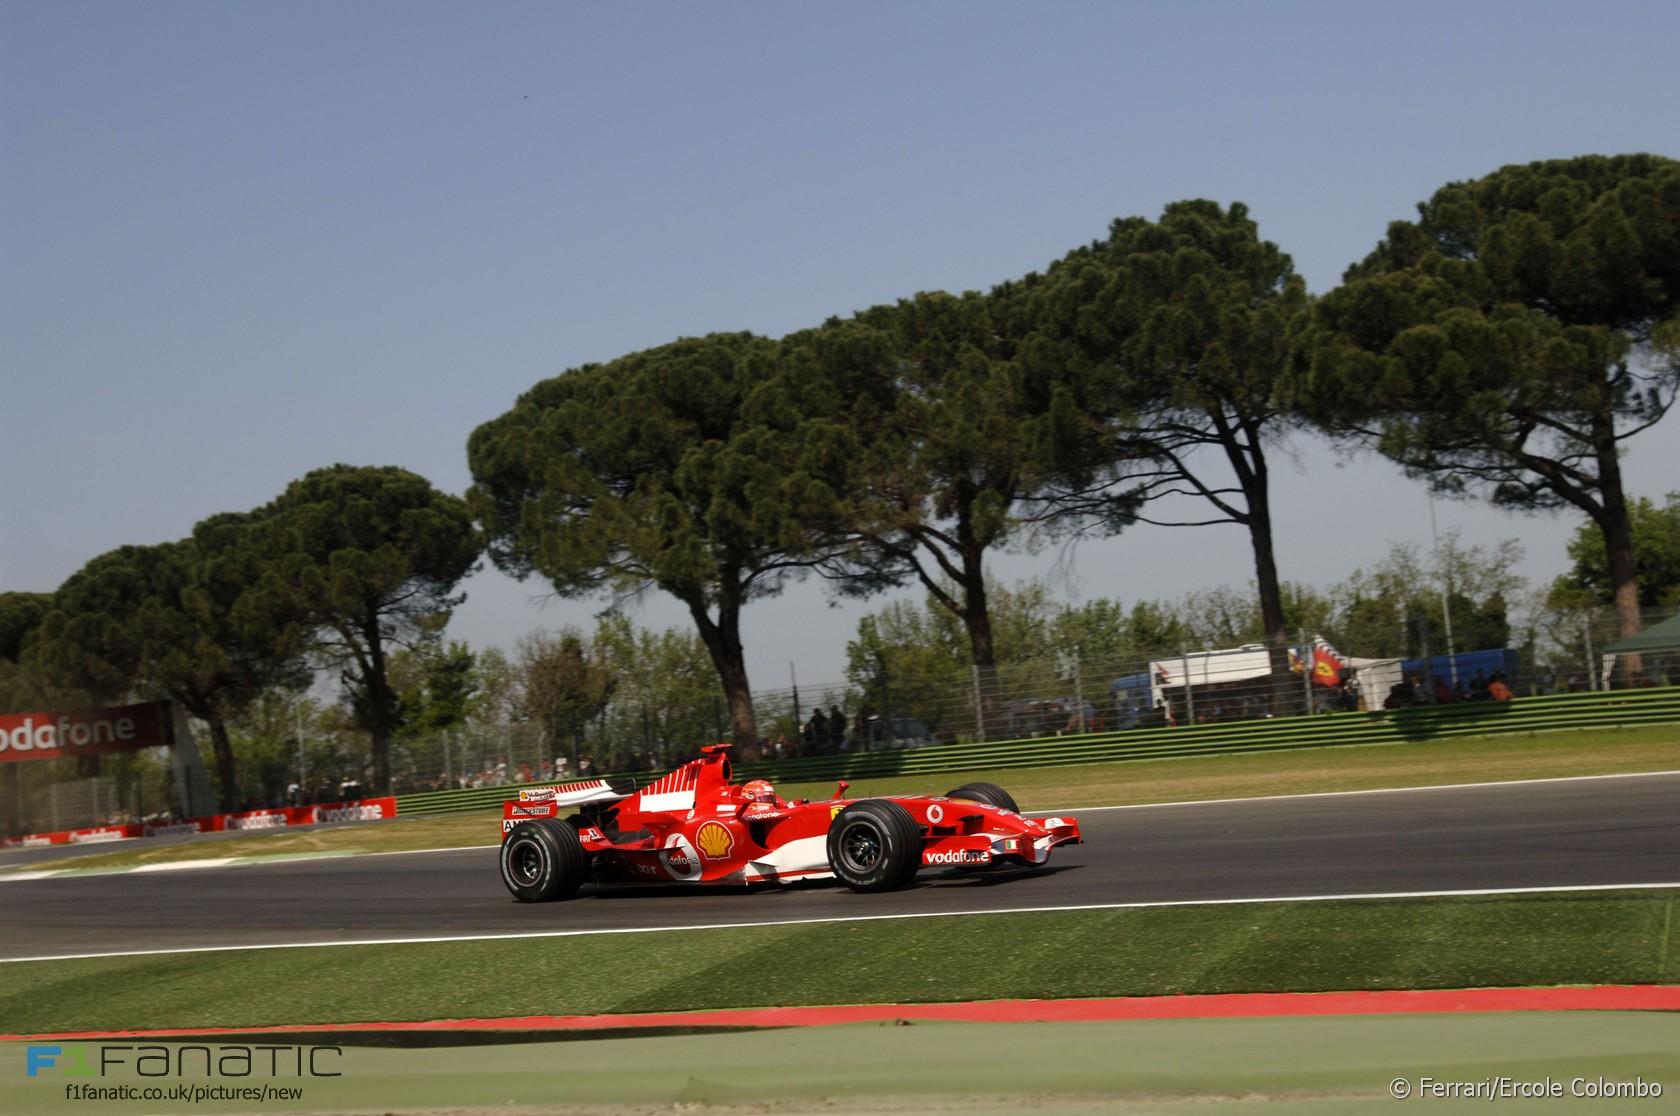 Michael Schumacher, Ferrari, Imola, 2006